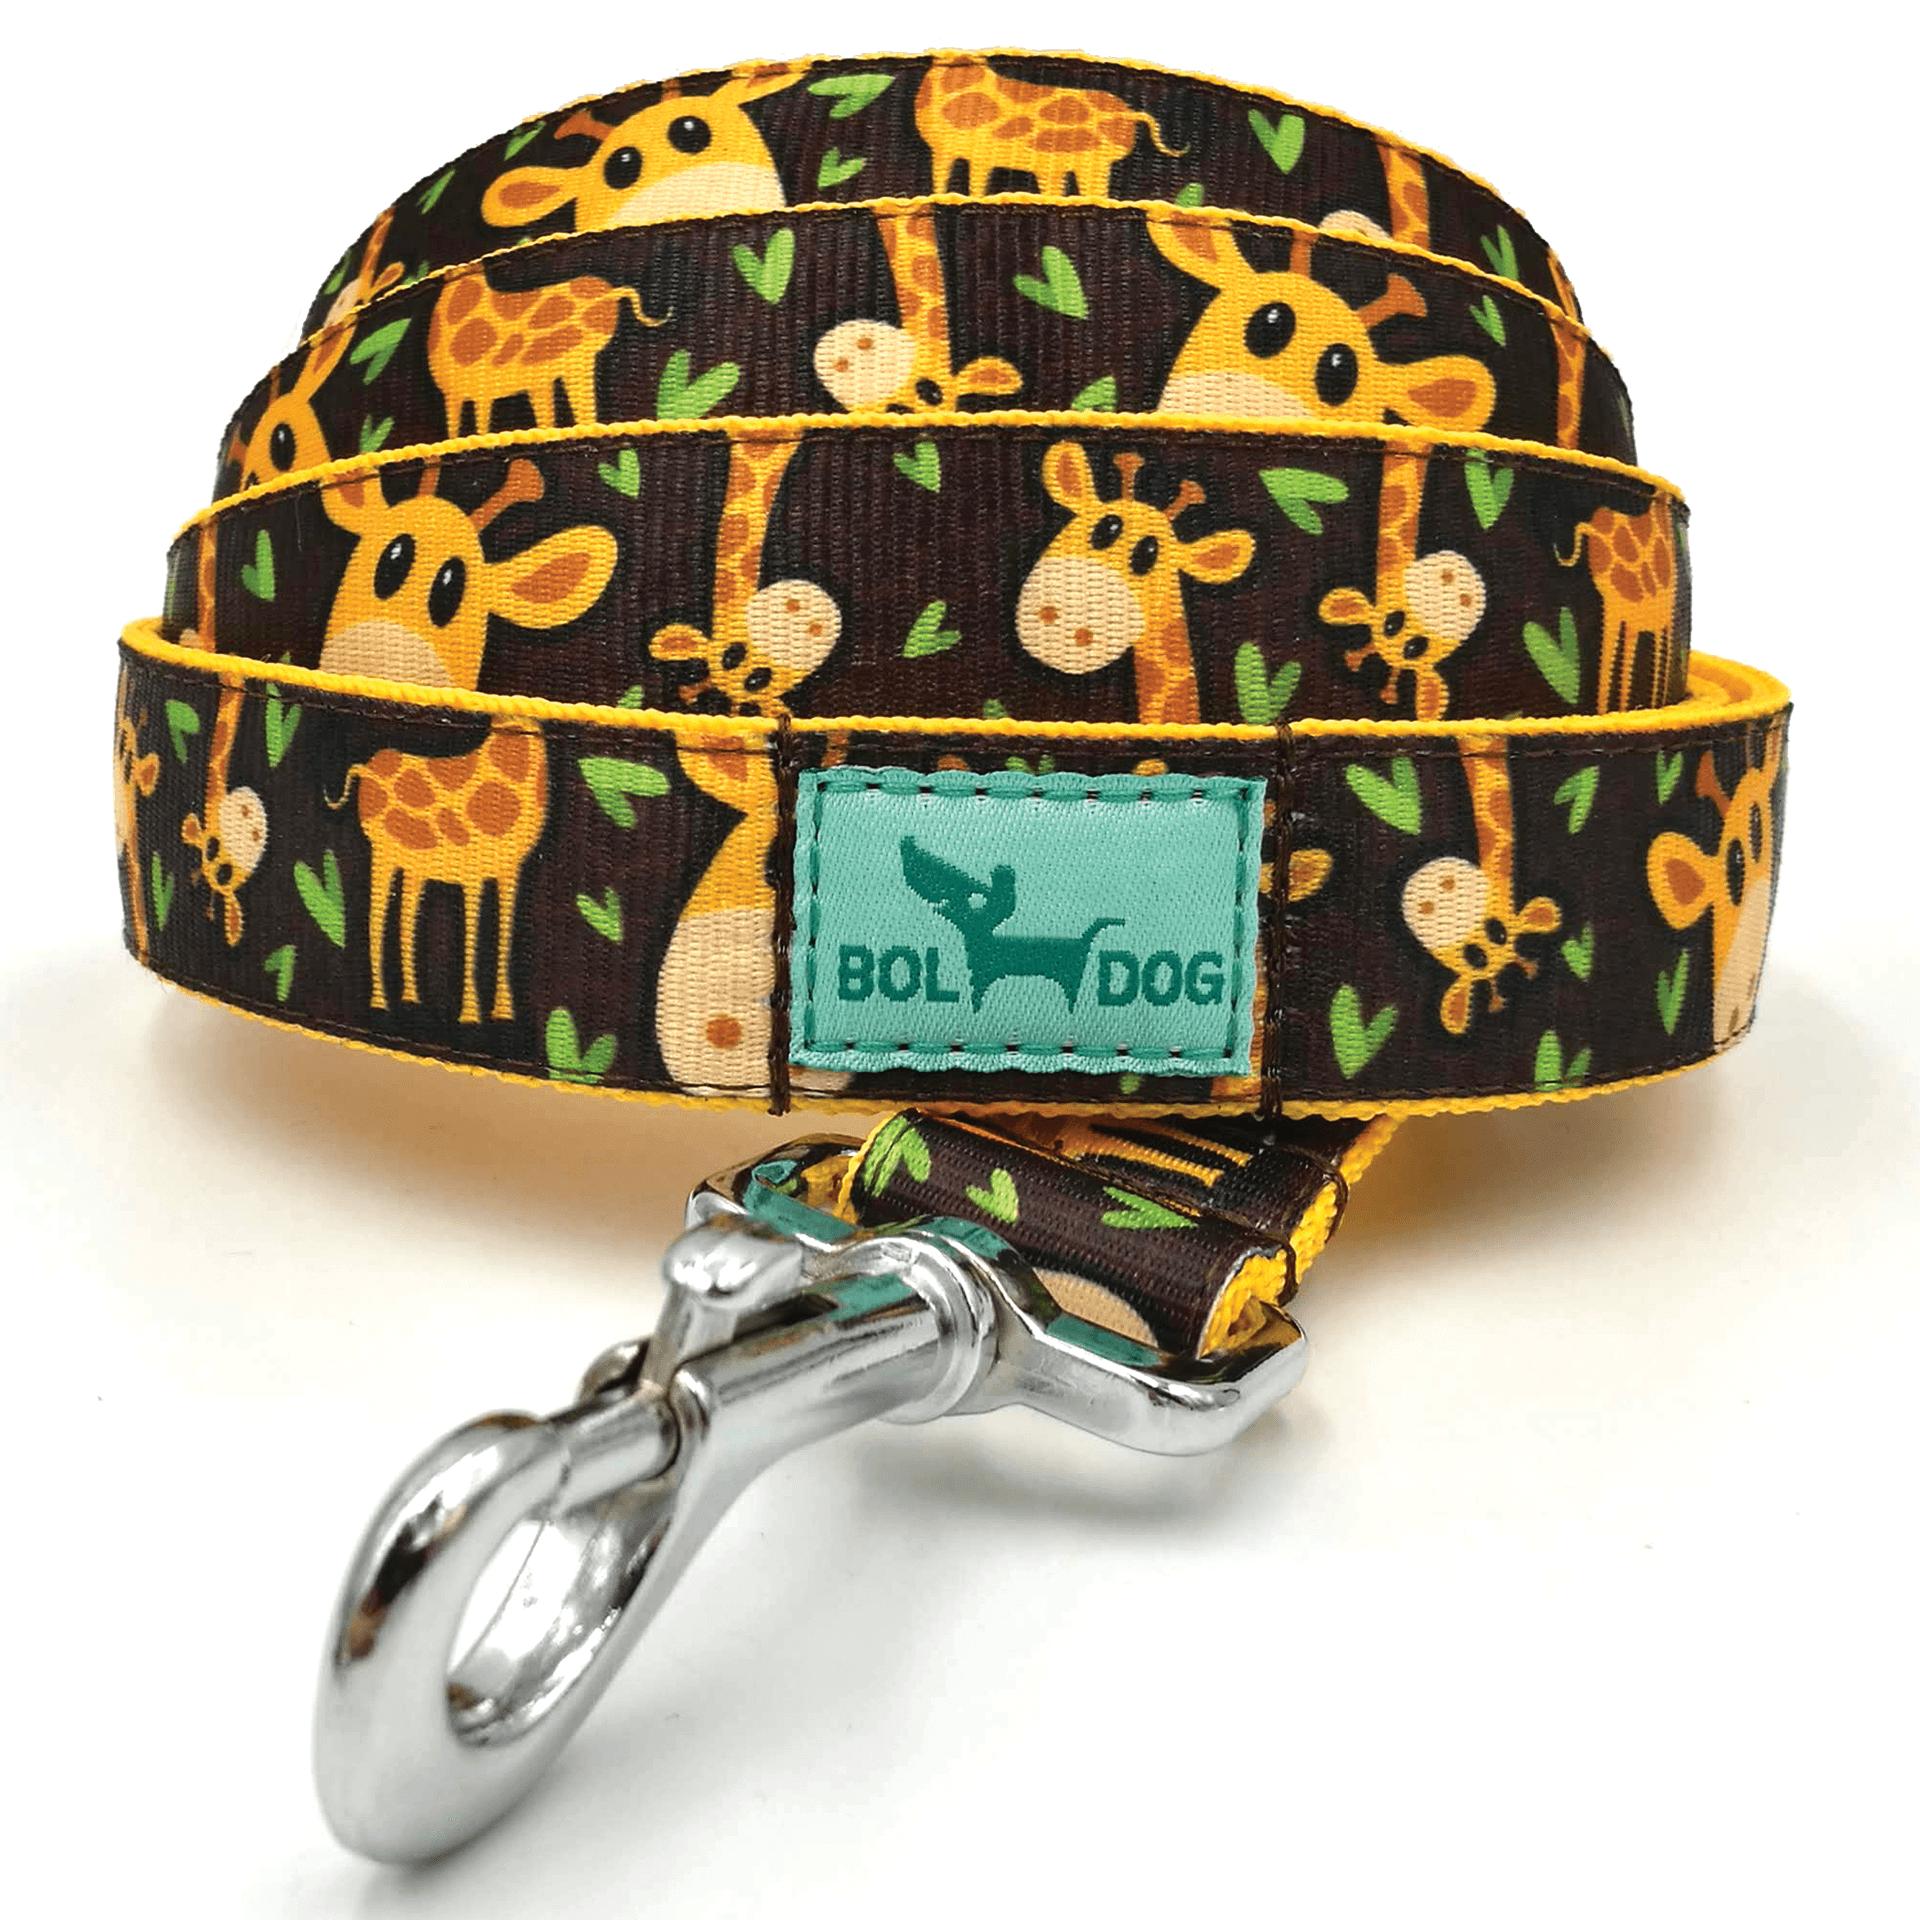 Giraffe pettern dog leash Bol-Dog